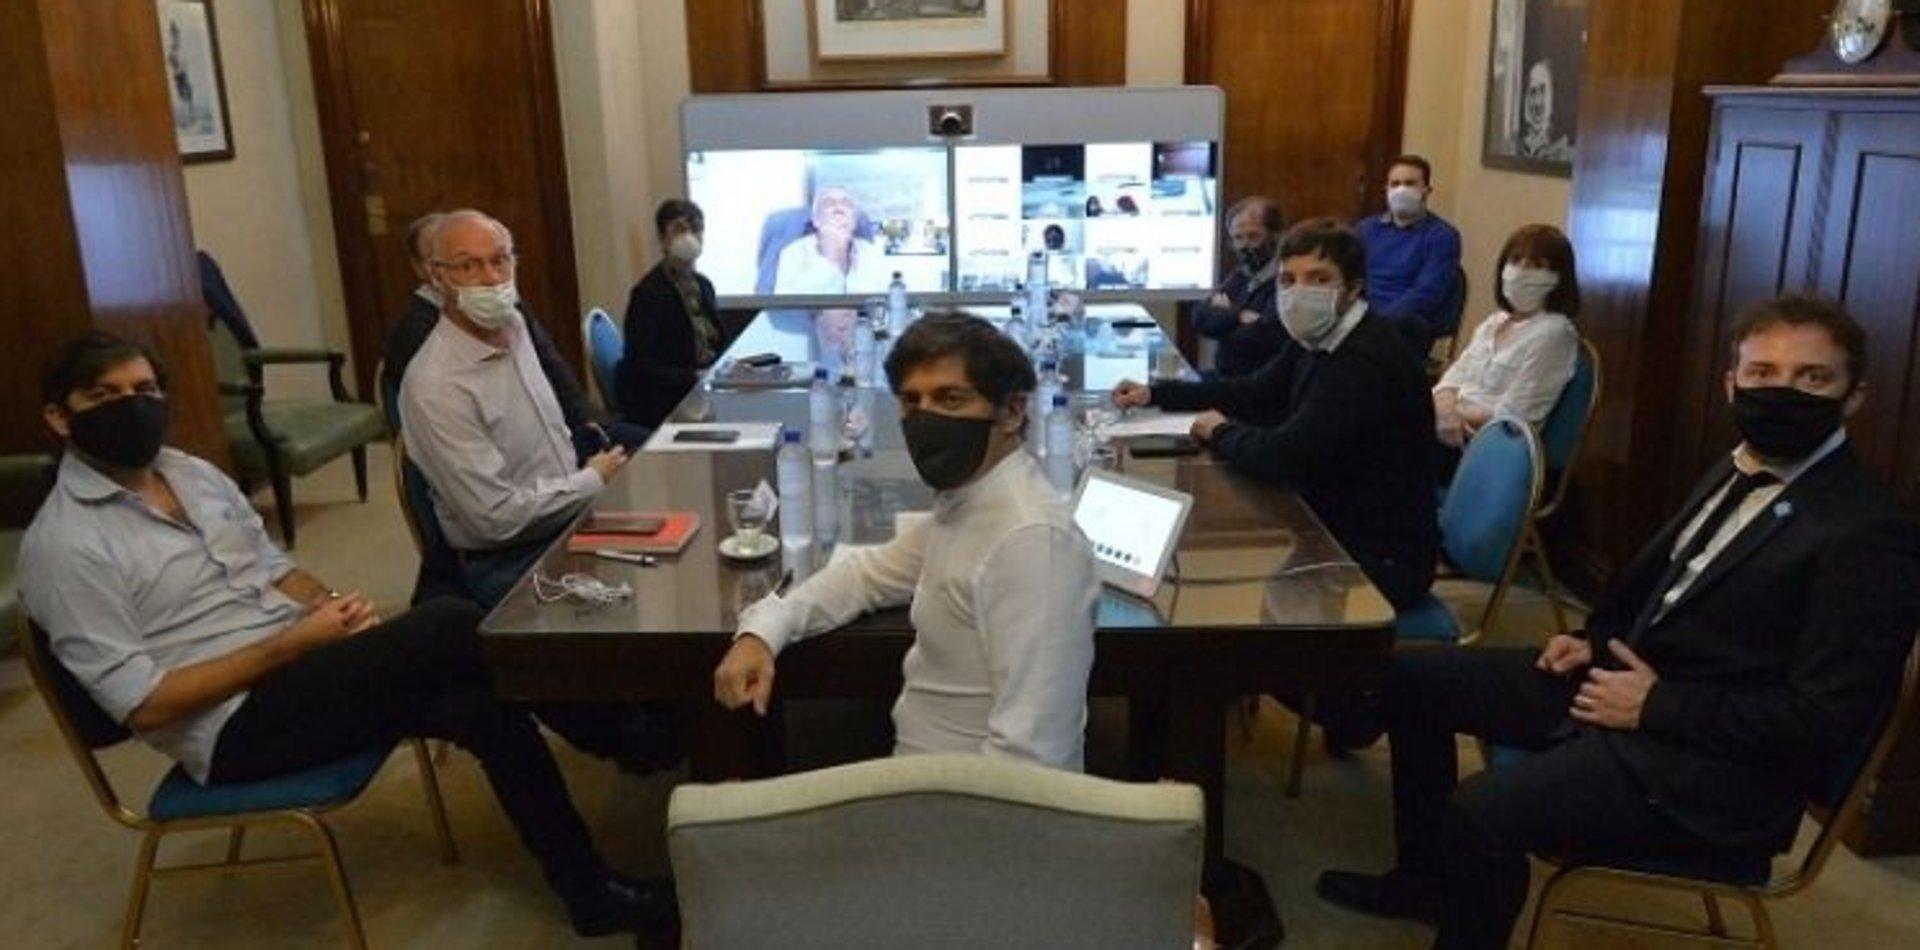 Kicillof se reúne con especialistas antes del anuncio de la nueva cuarentena en el AMBA